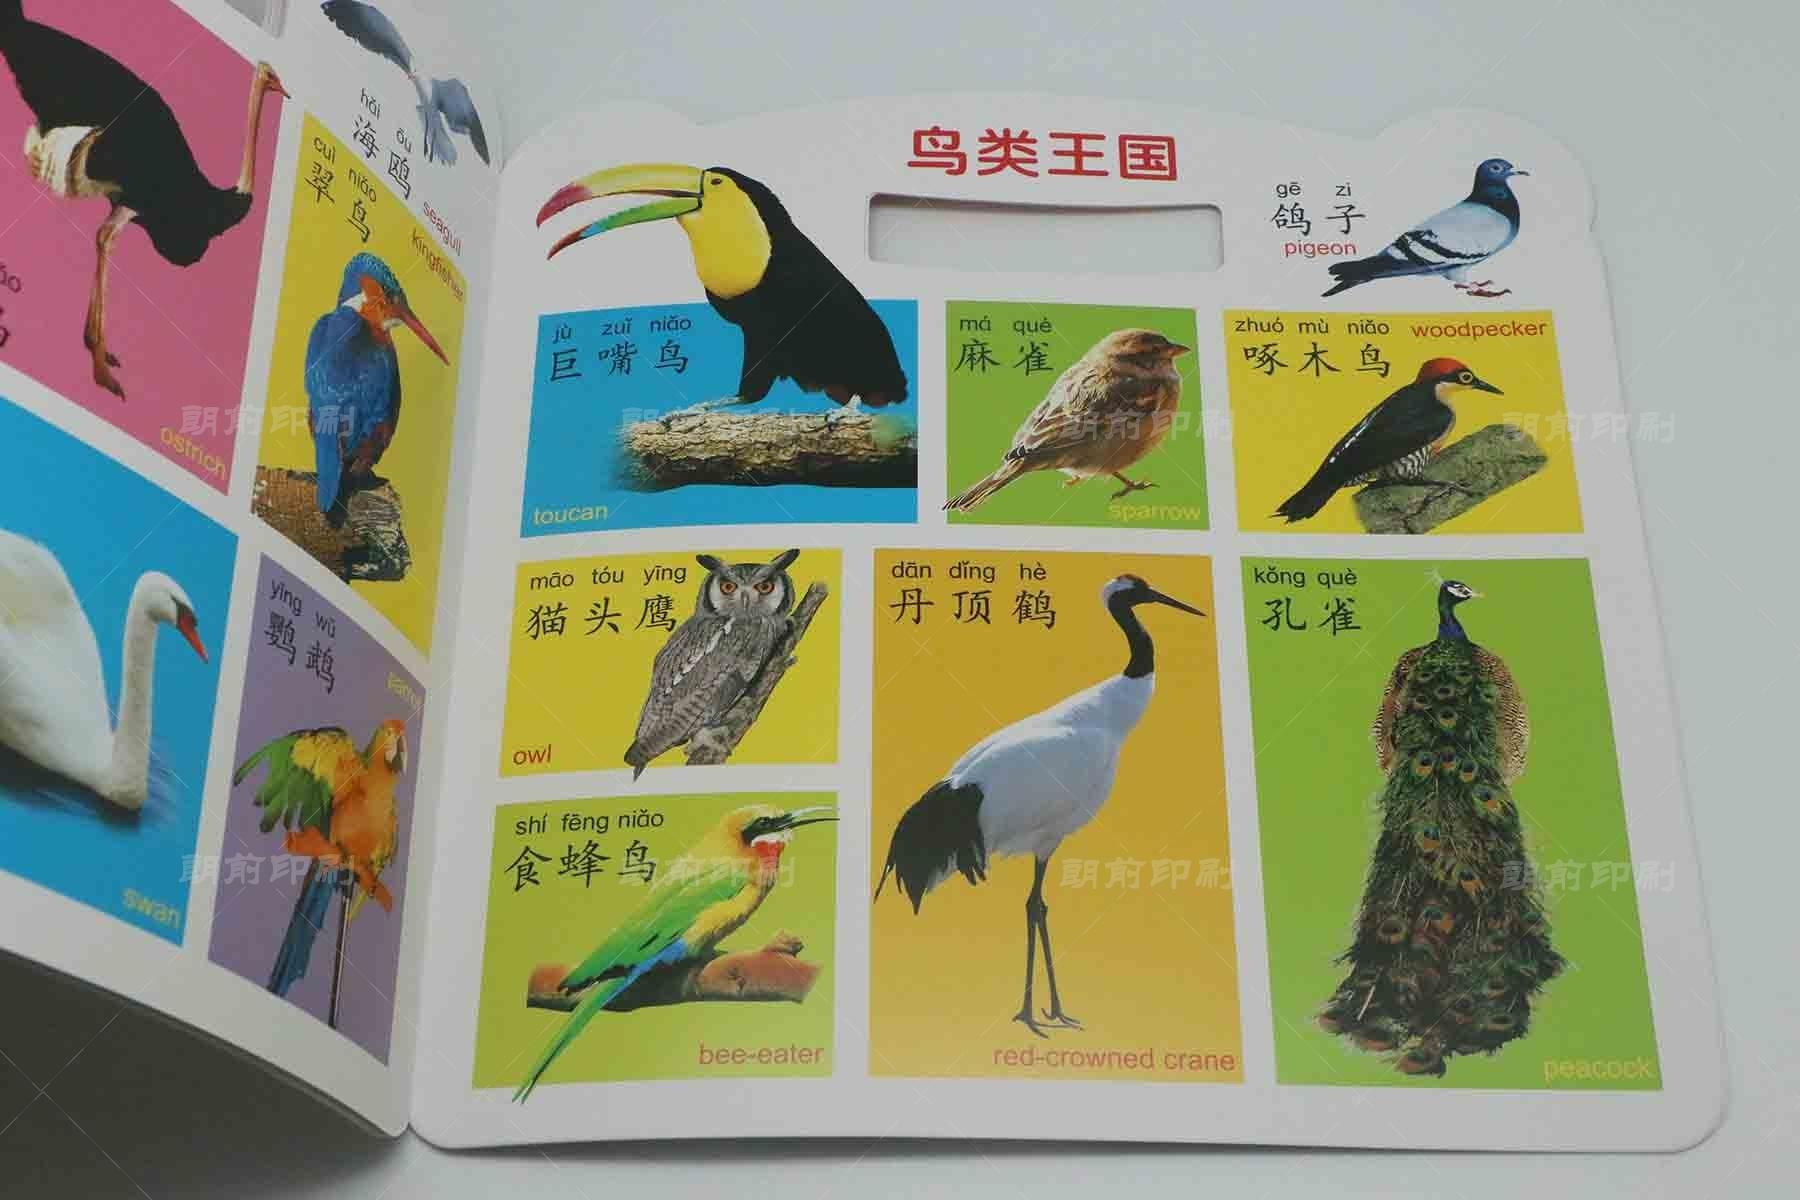 广州8P画册印刷价格表 广州旅游画册印刷设计公司简介